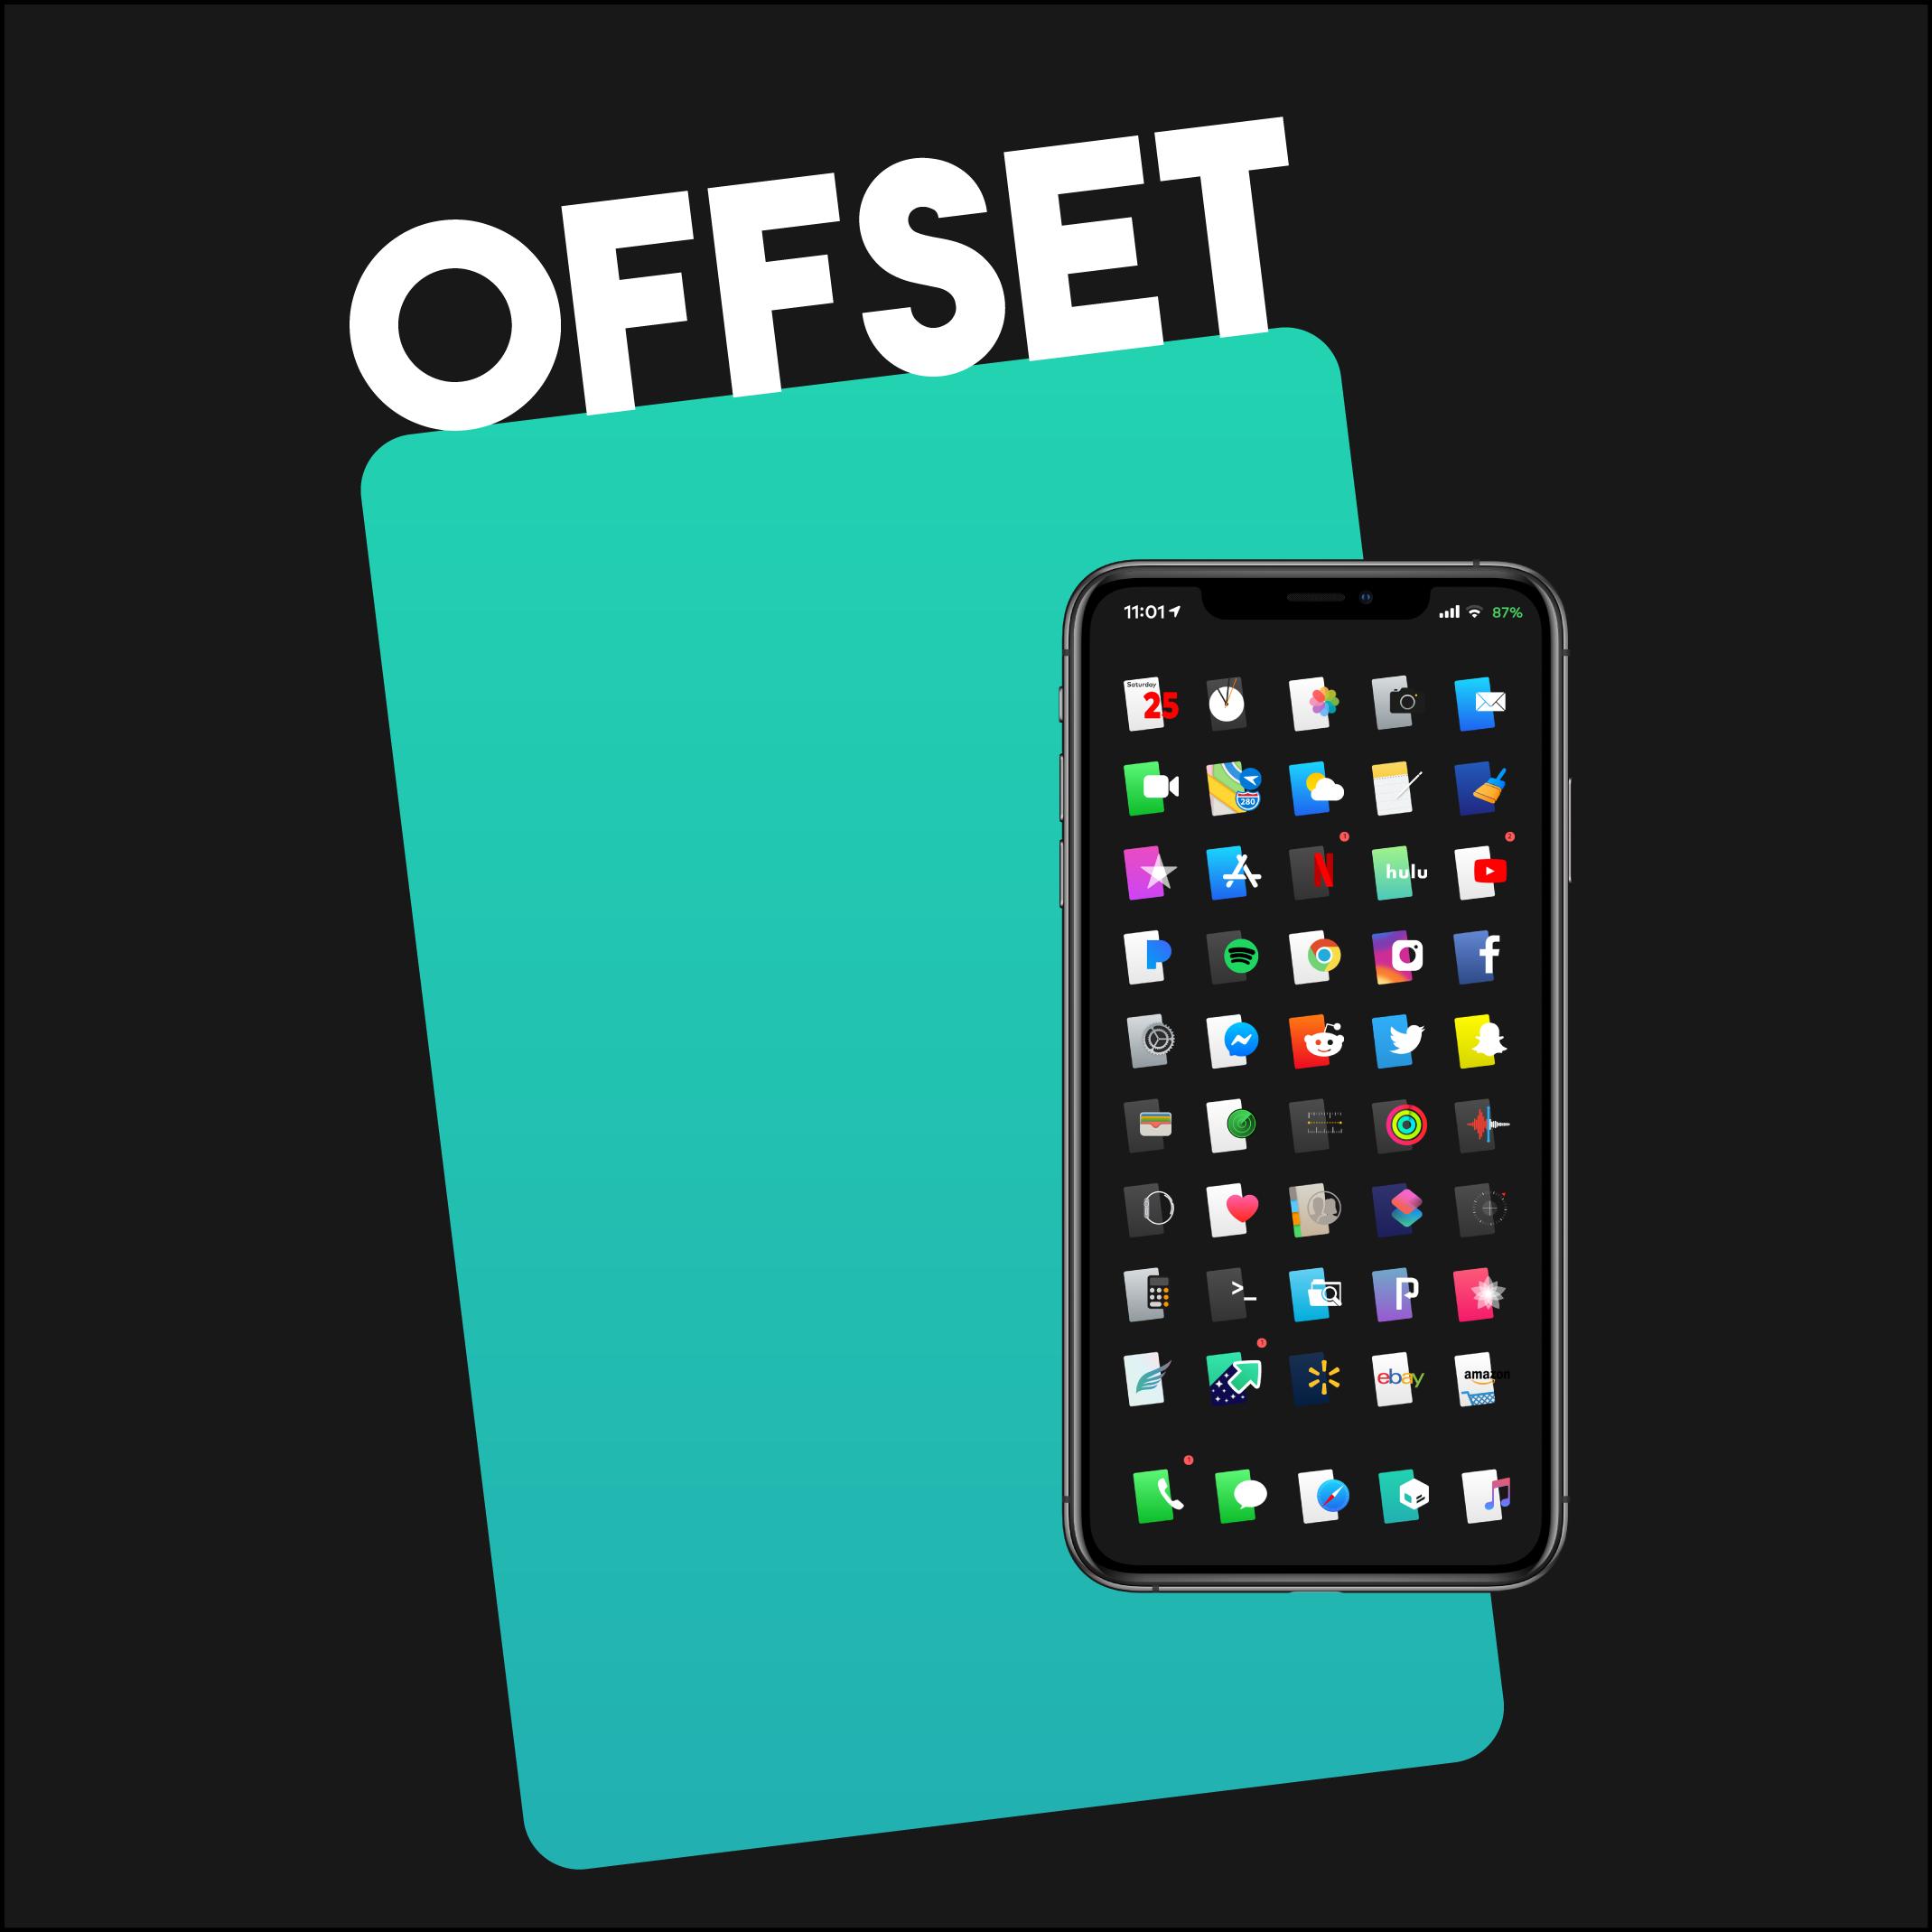 Offset